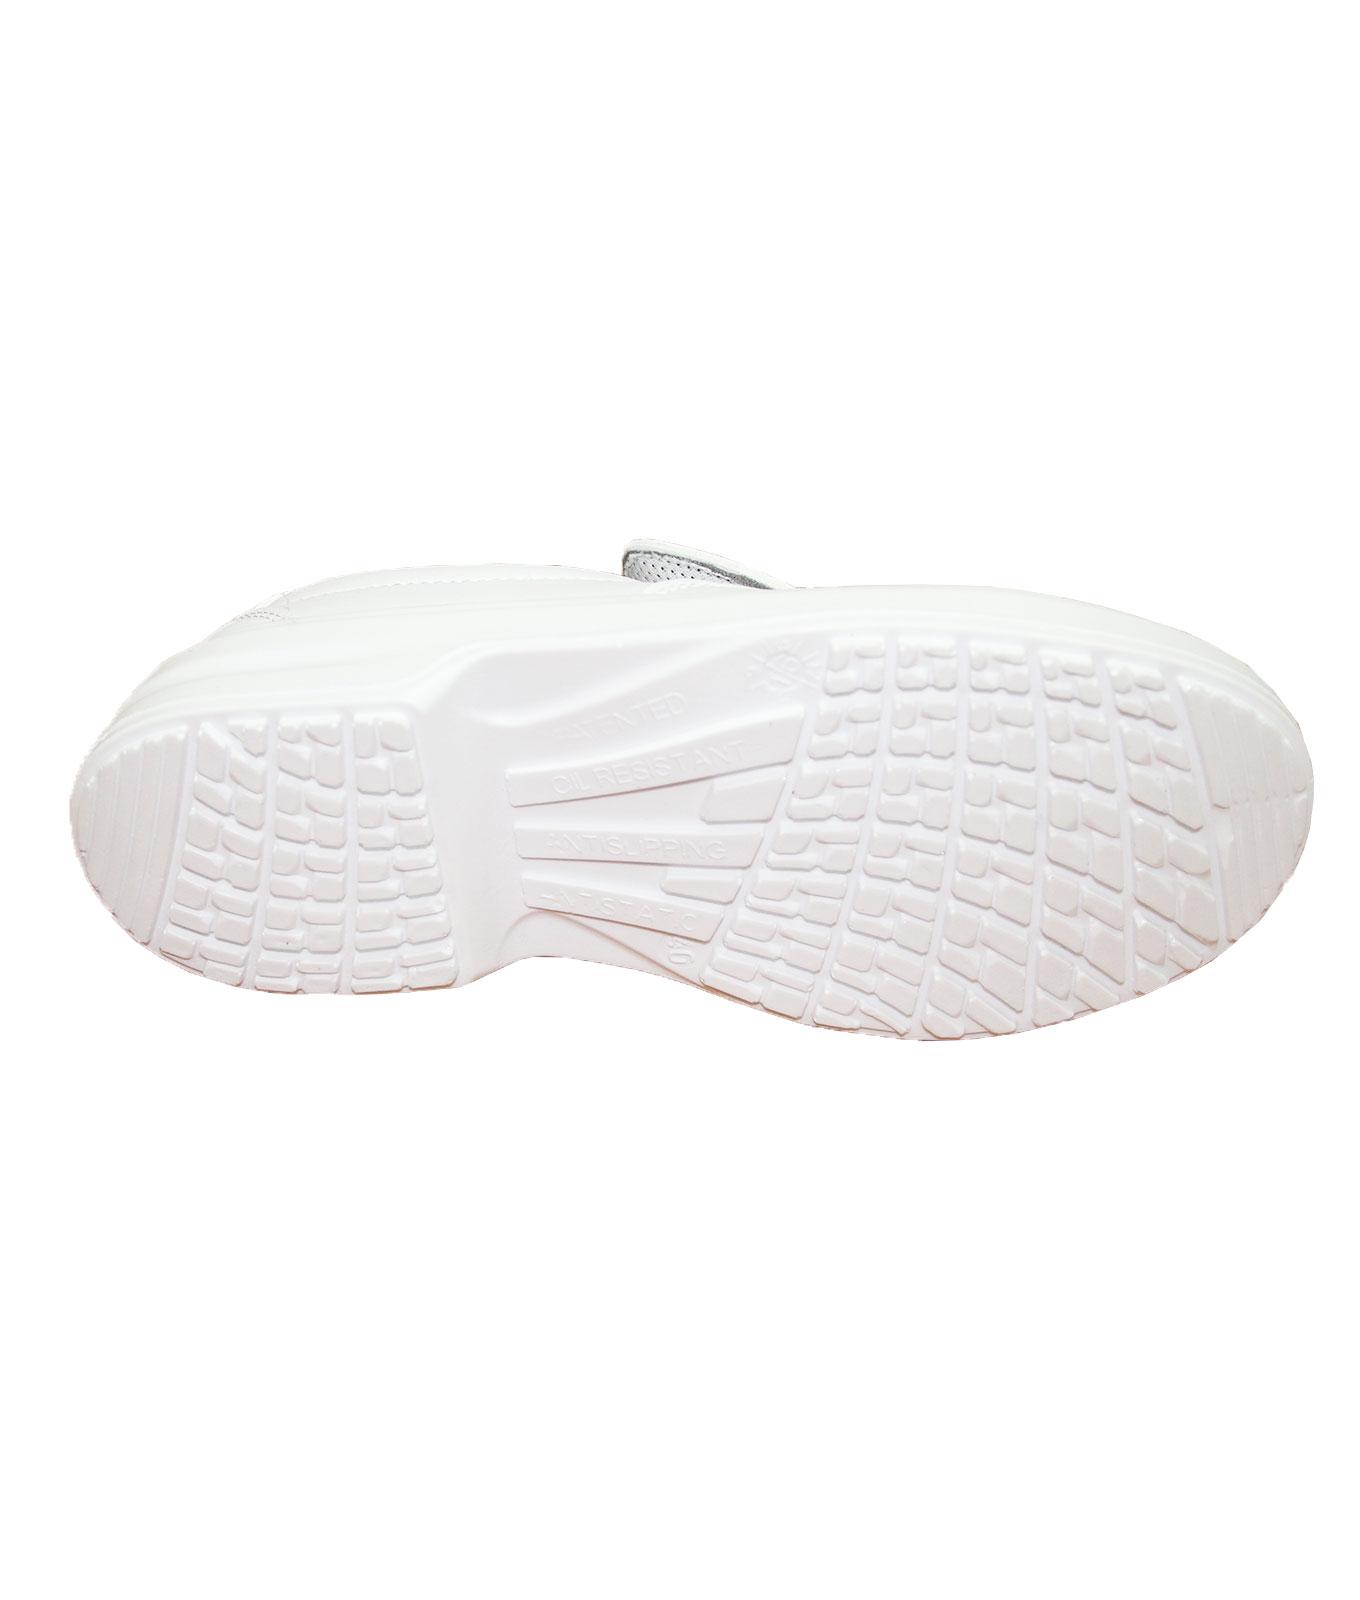 Λευκά παπούτσια 5